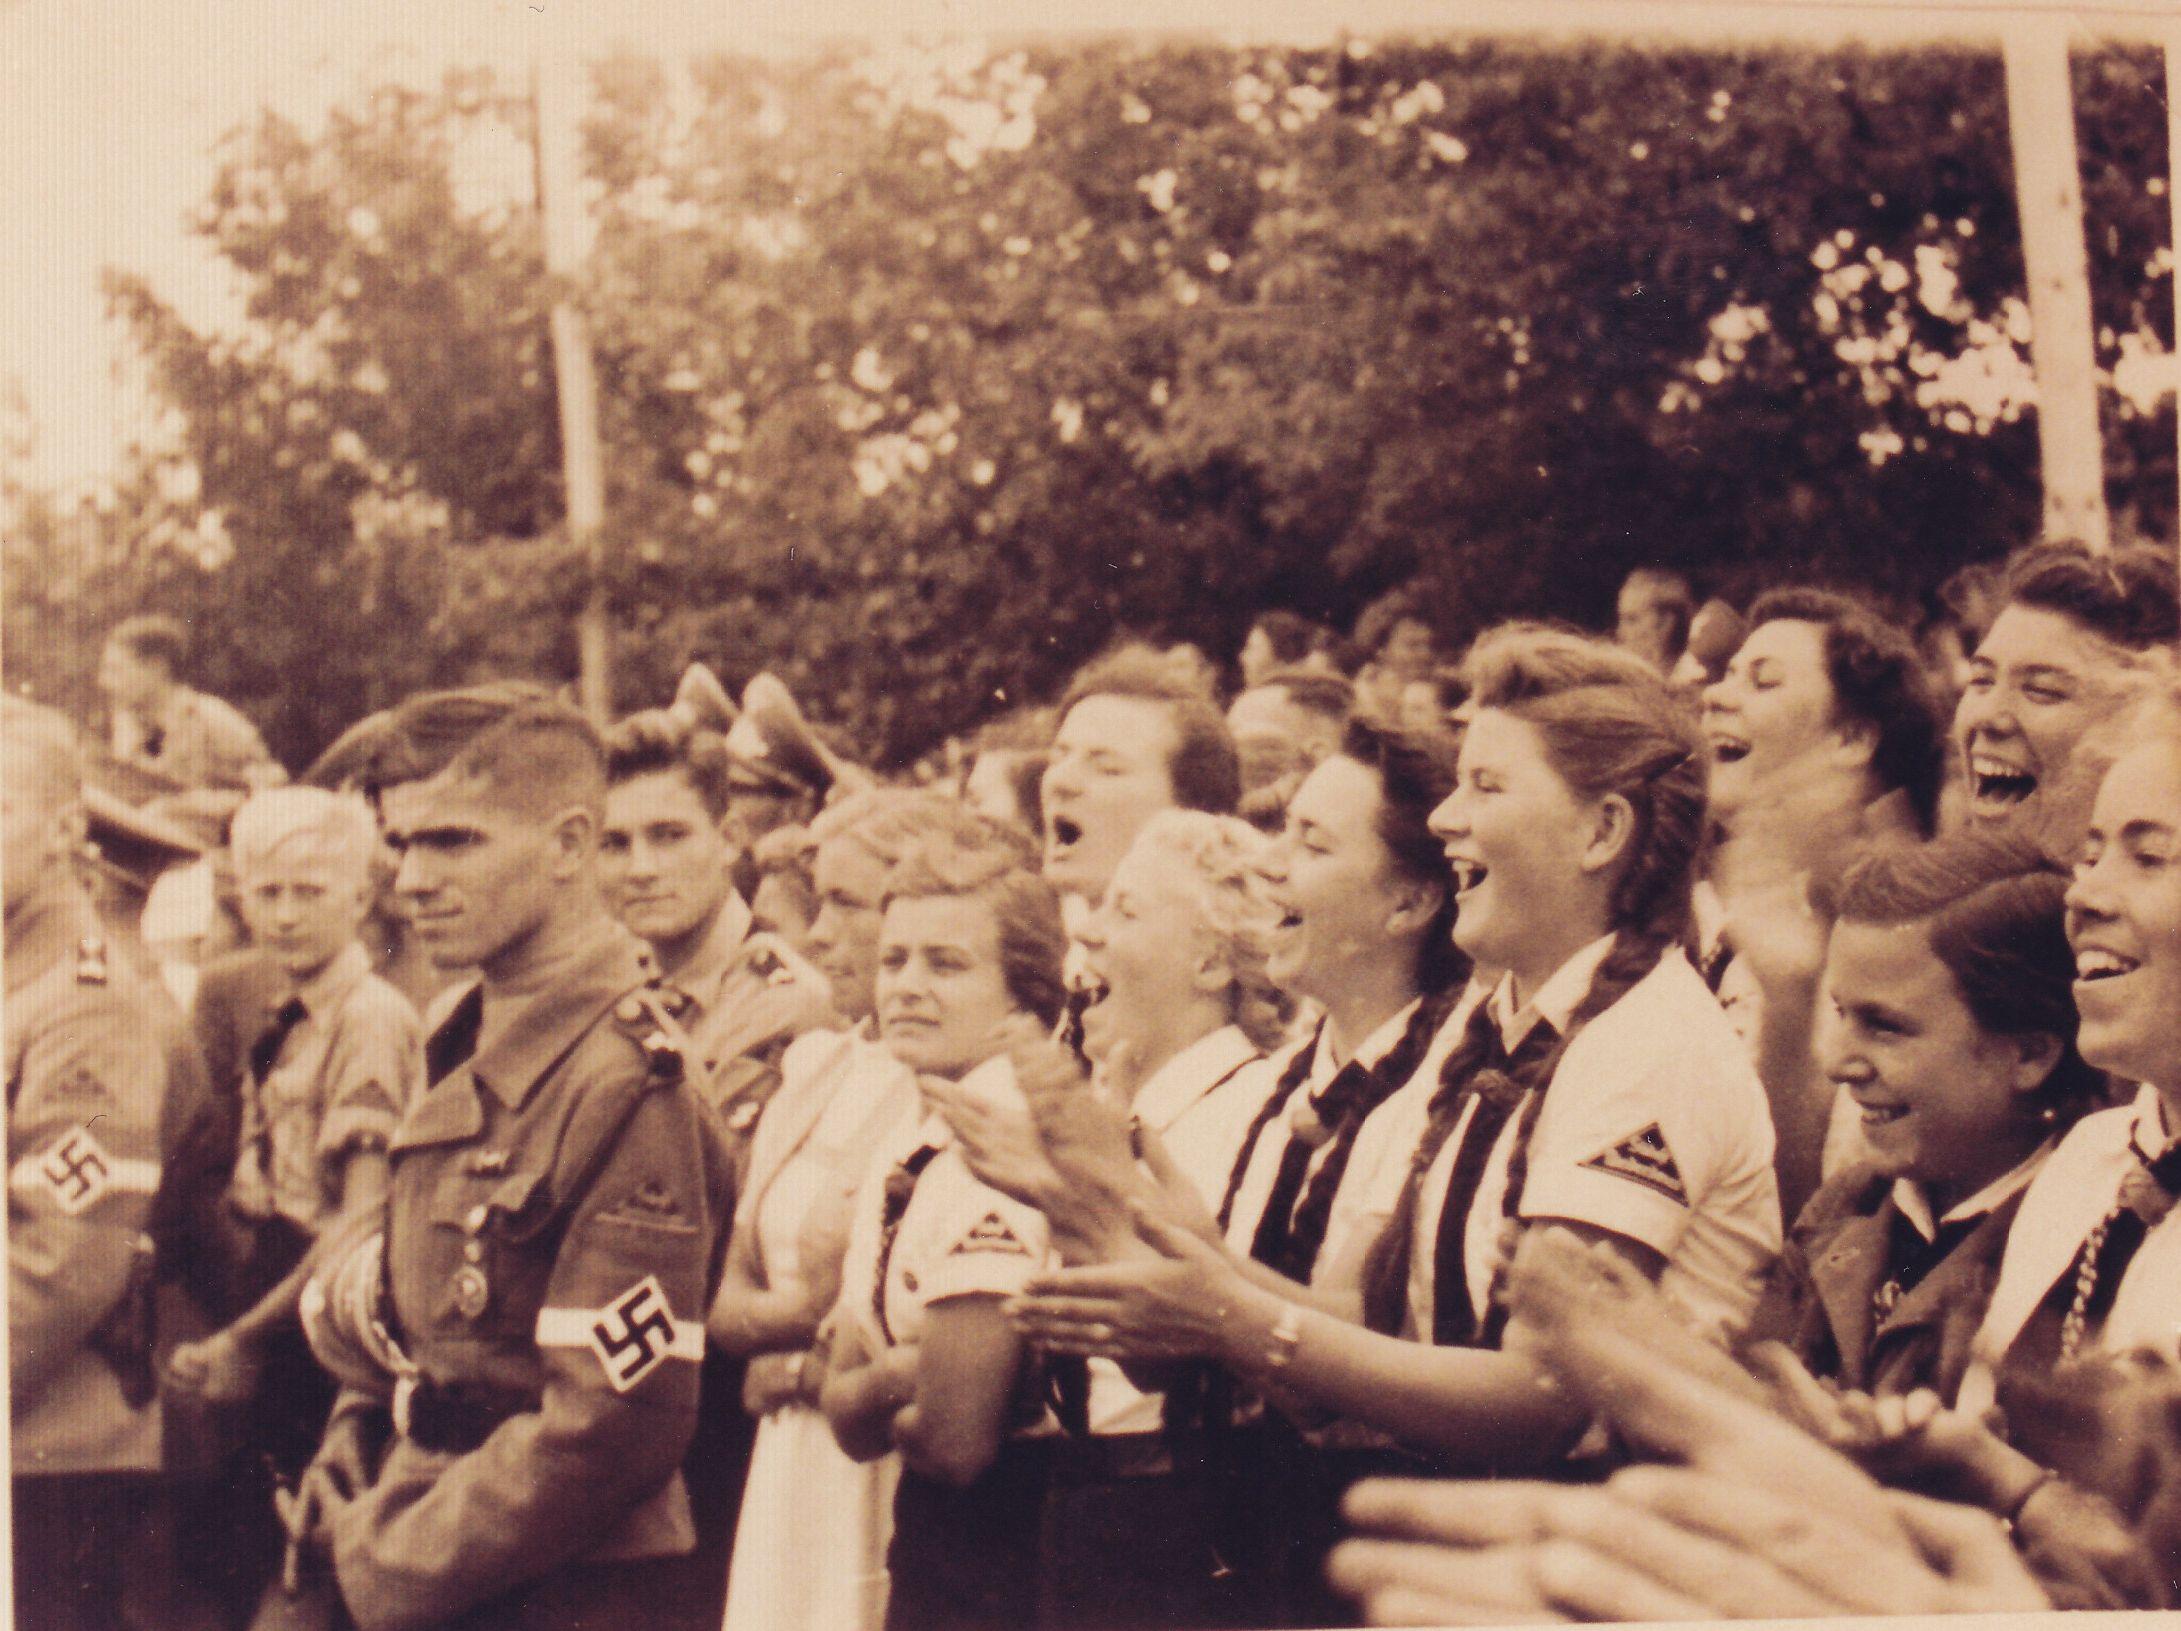 Begeisterung in Krems 1938